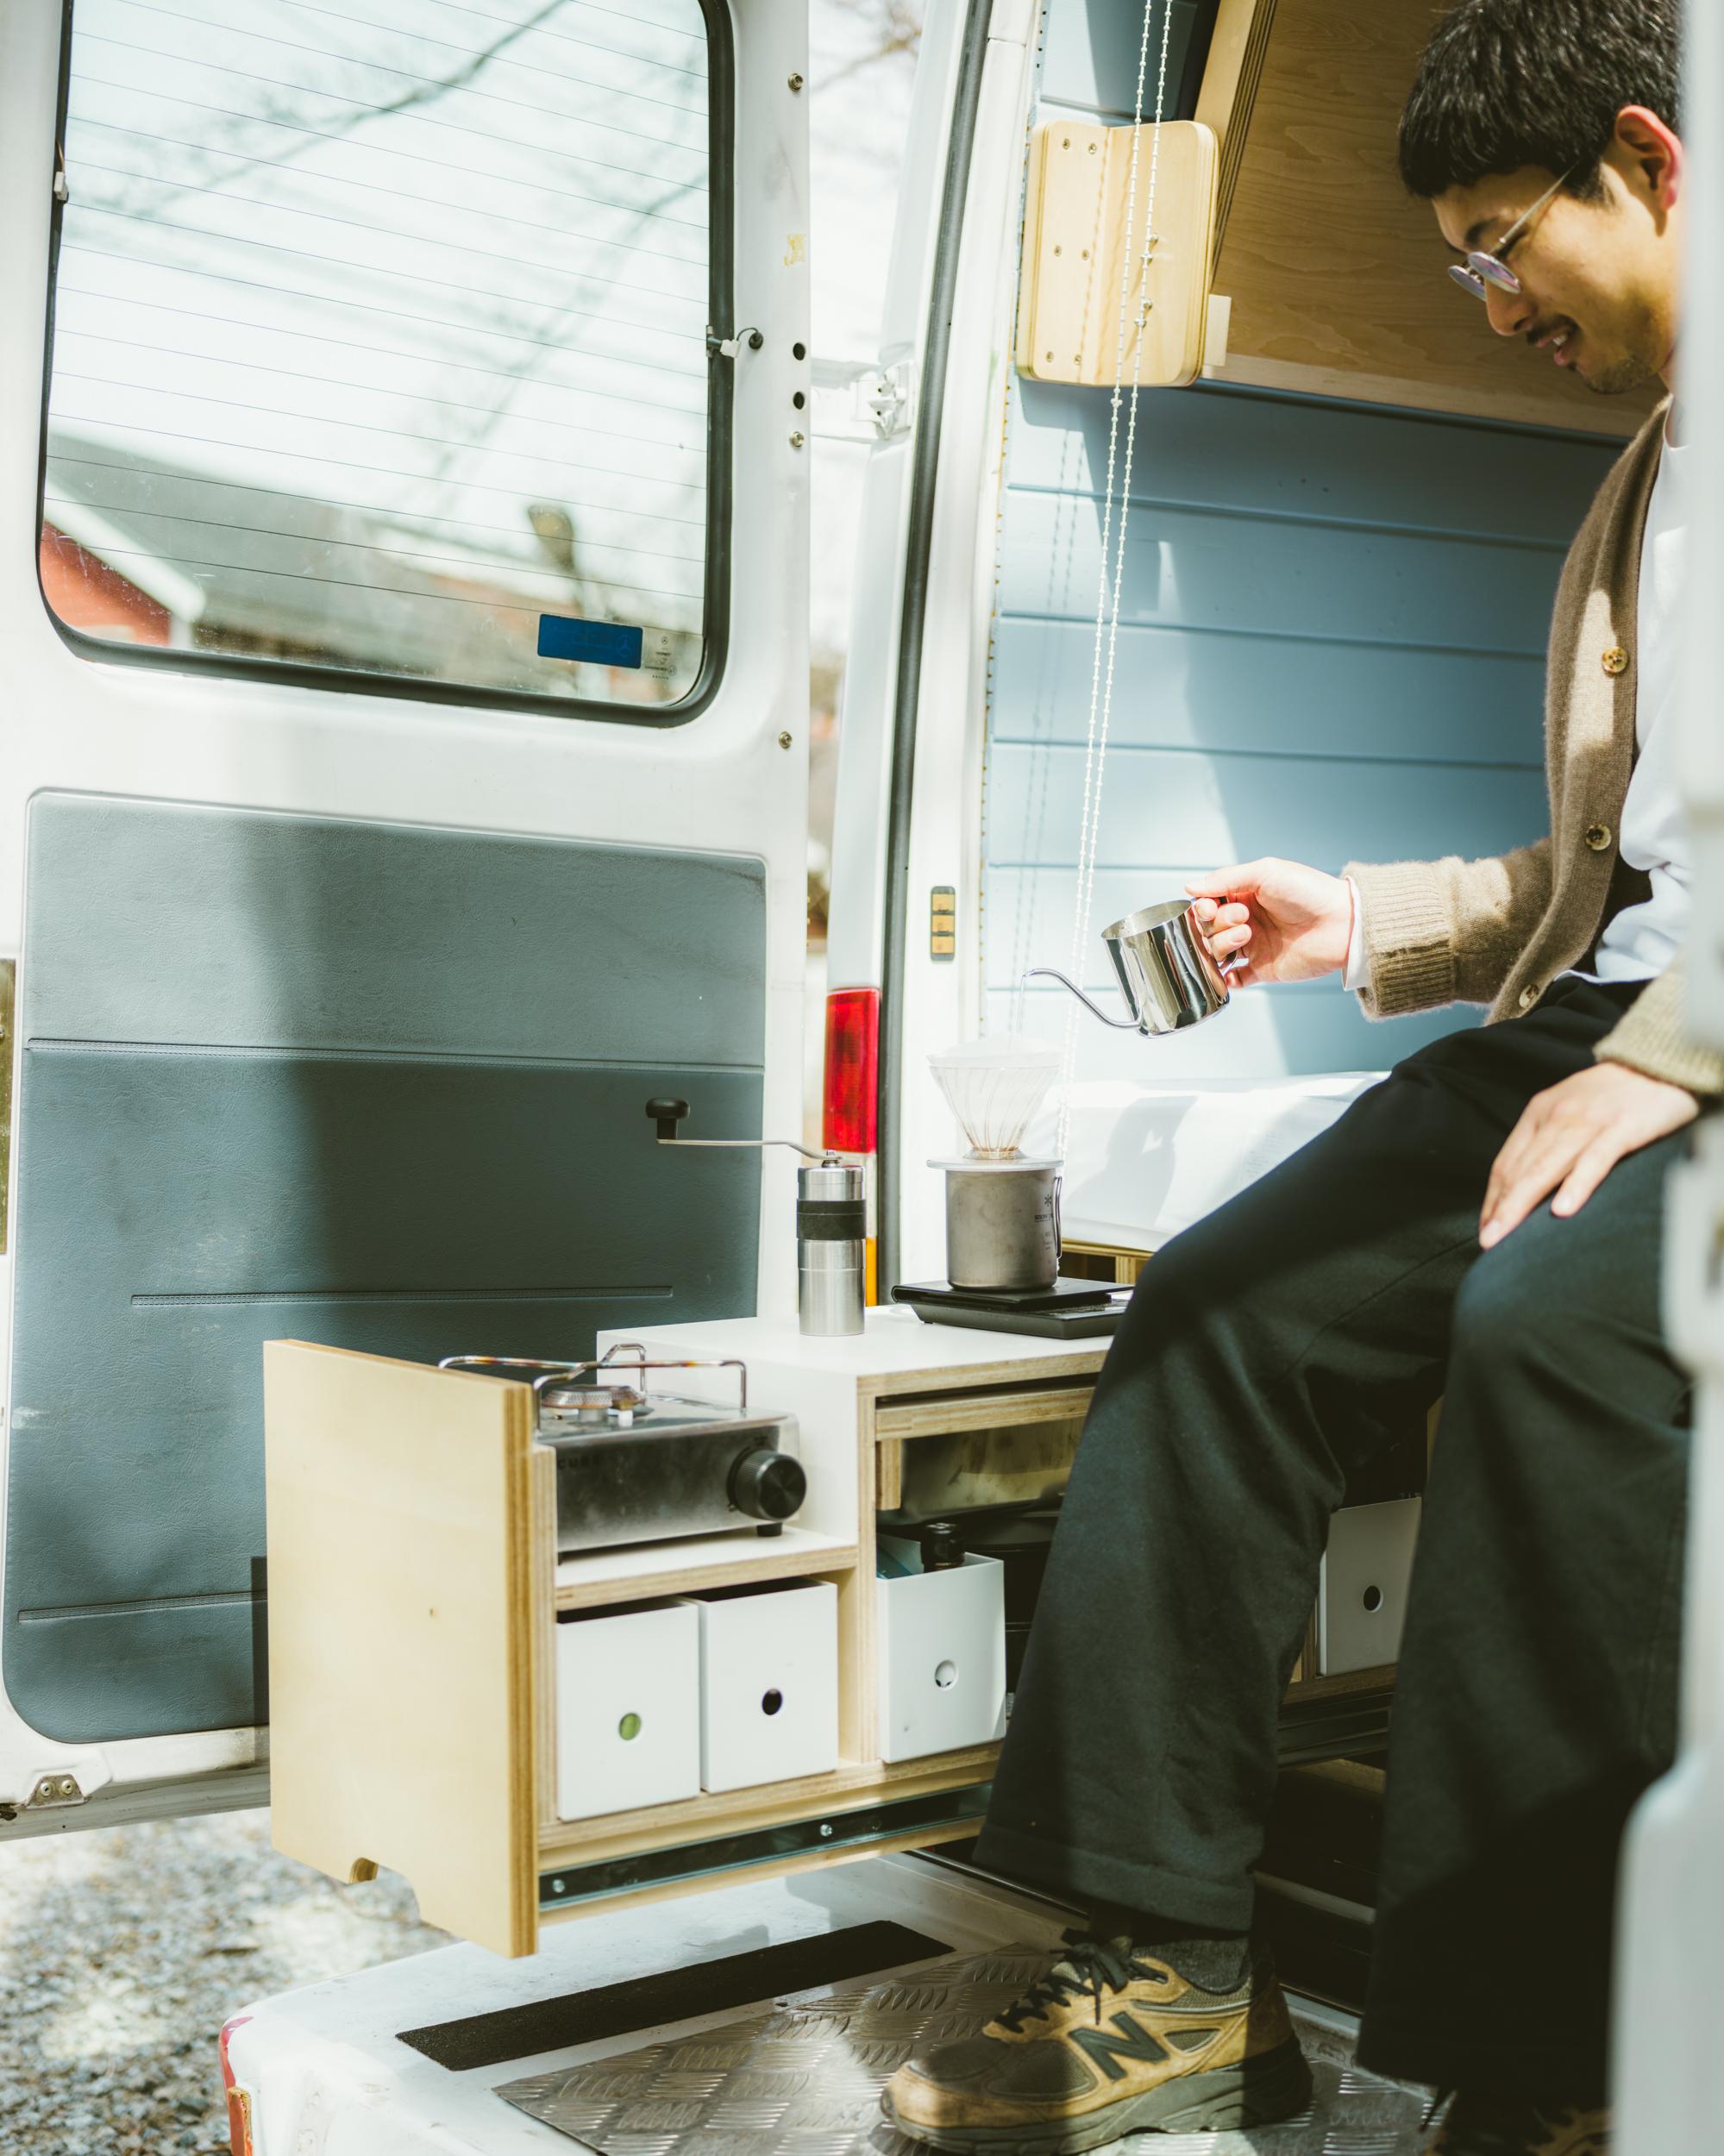 ベッド下に格納されたモジュール式キッチン。バックドアから絶景を眺めながらのコーヒーは格別です。